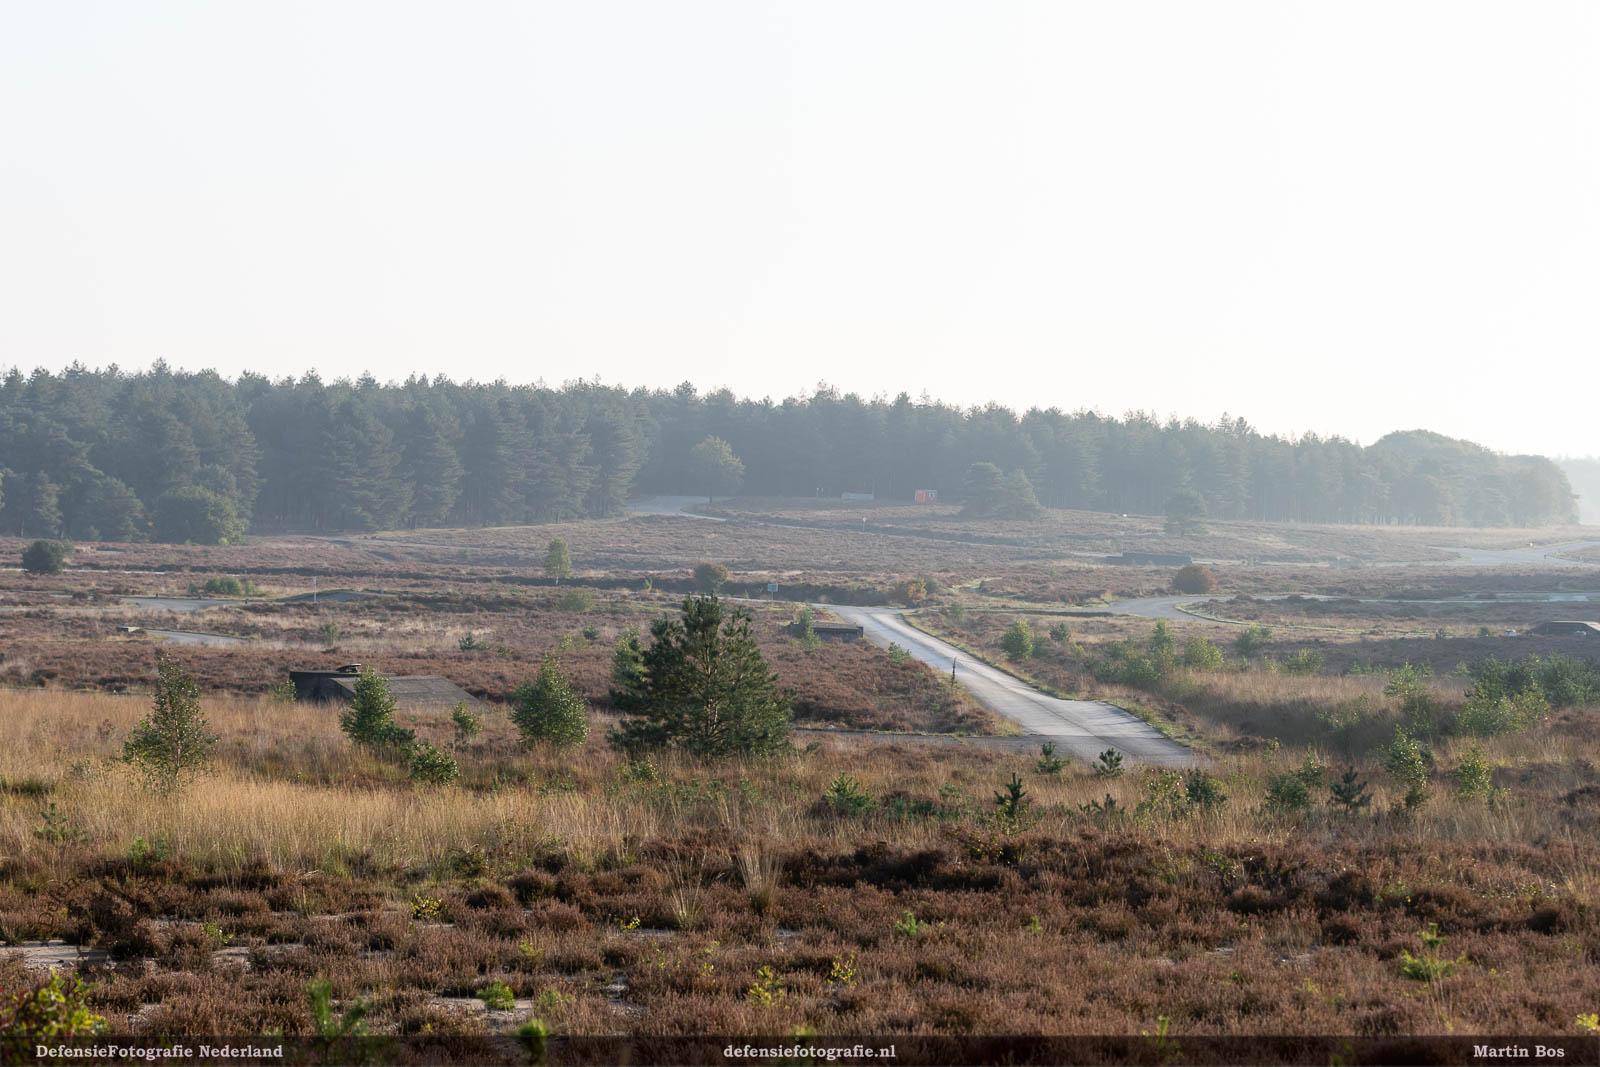 Uitzicht over de tank-proefbaan